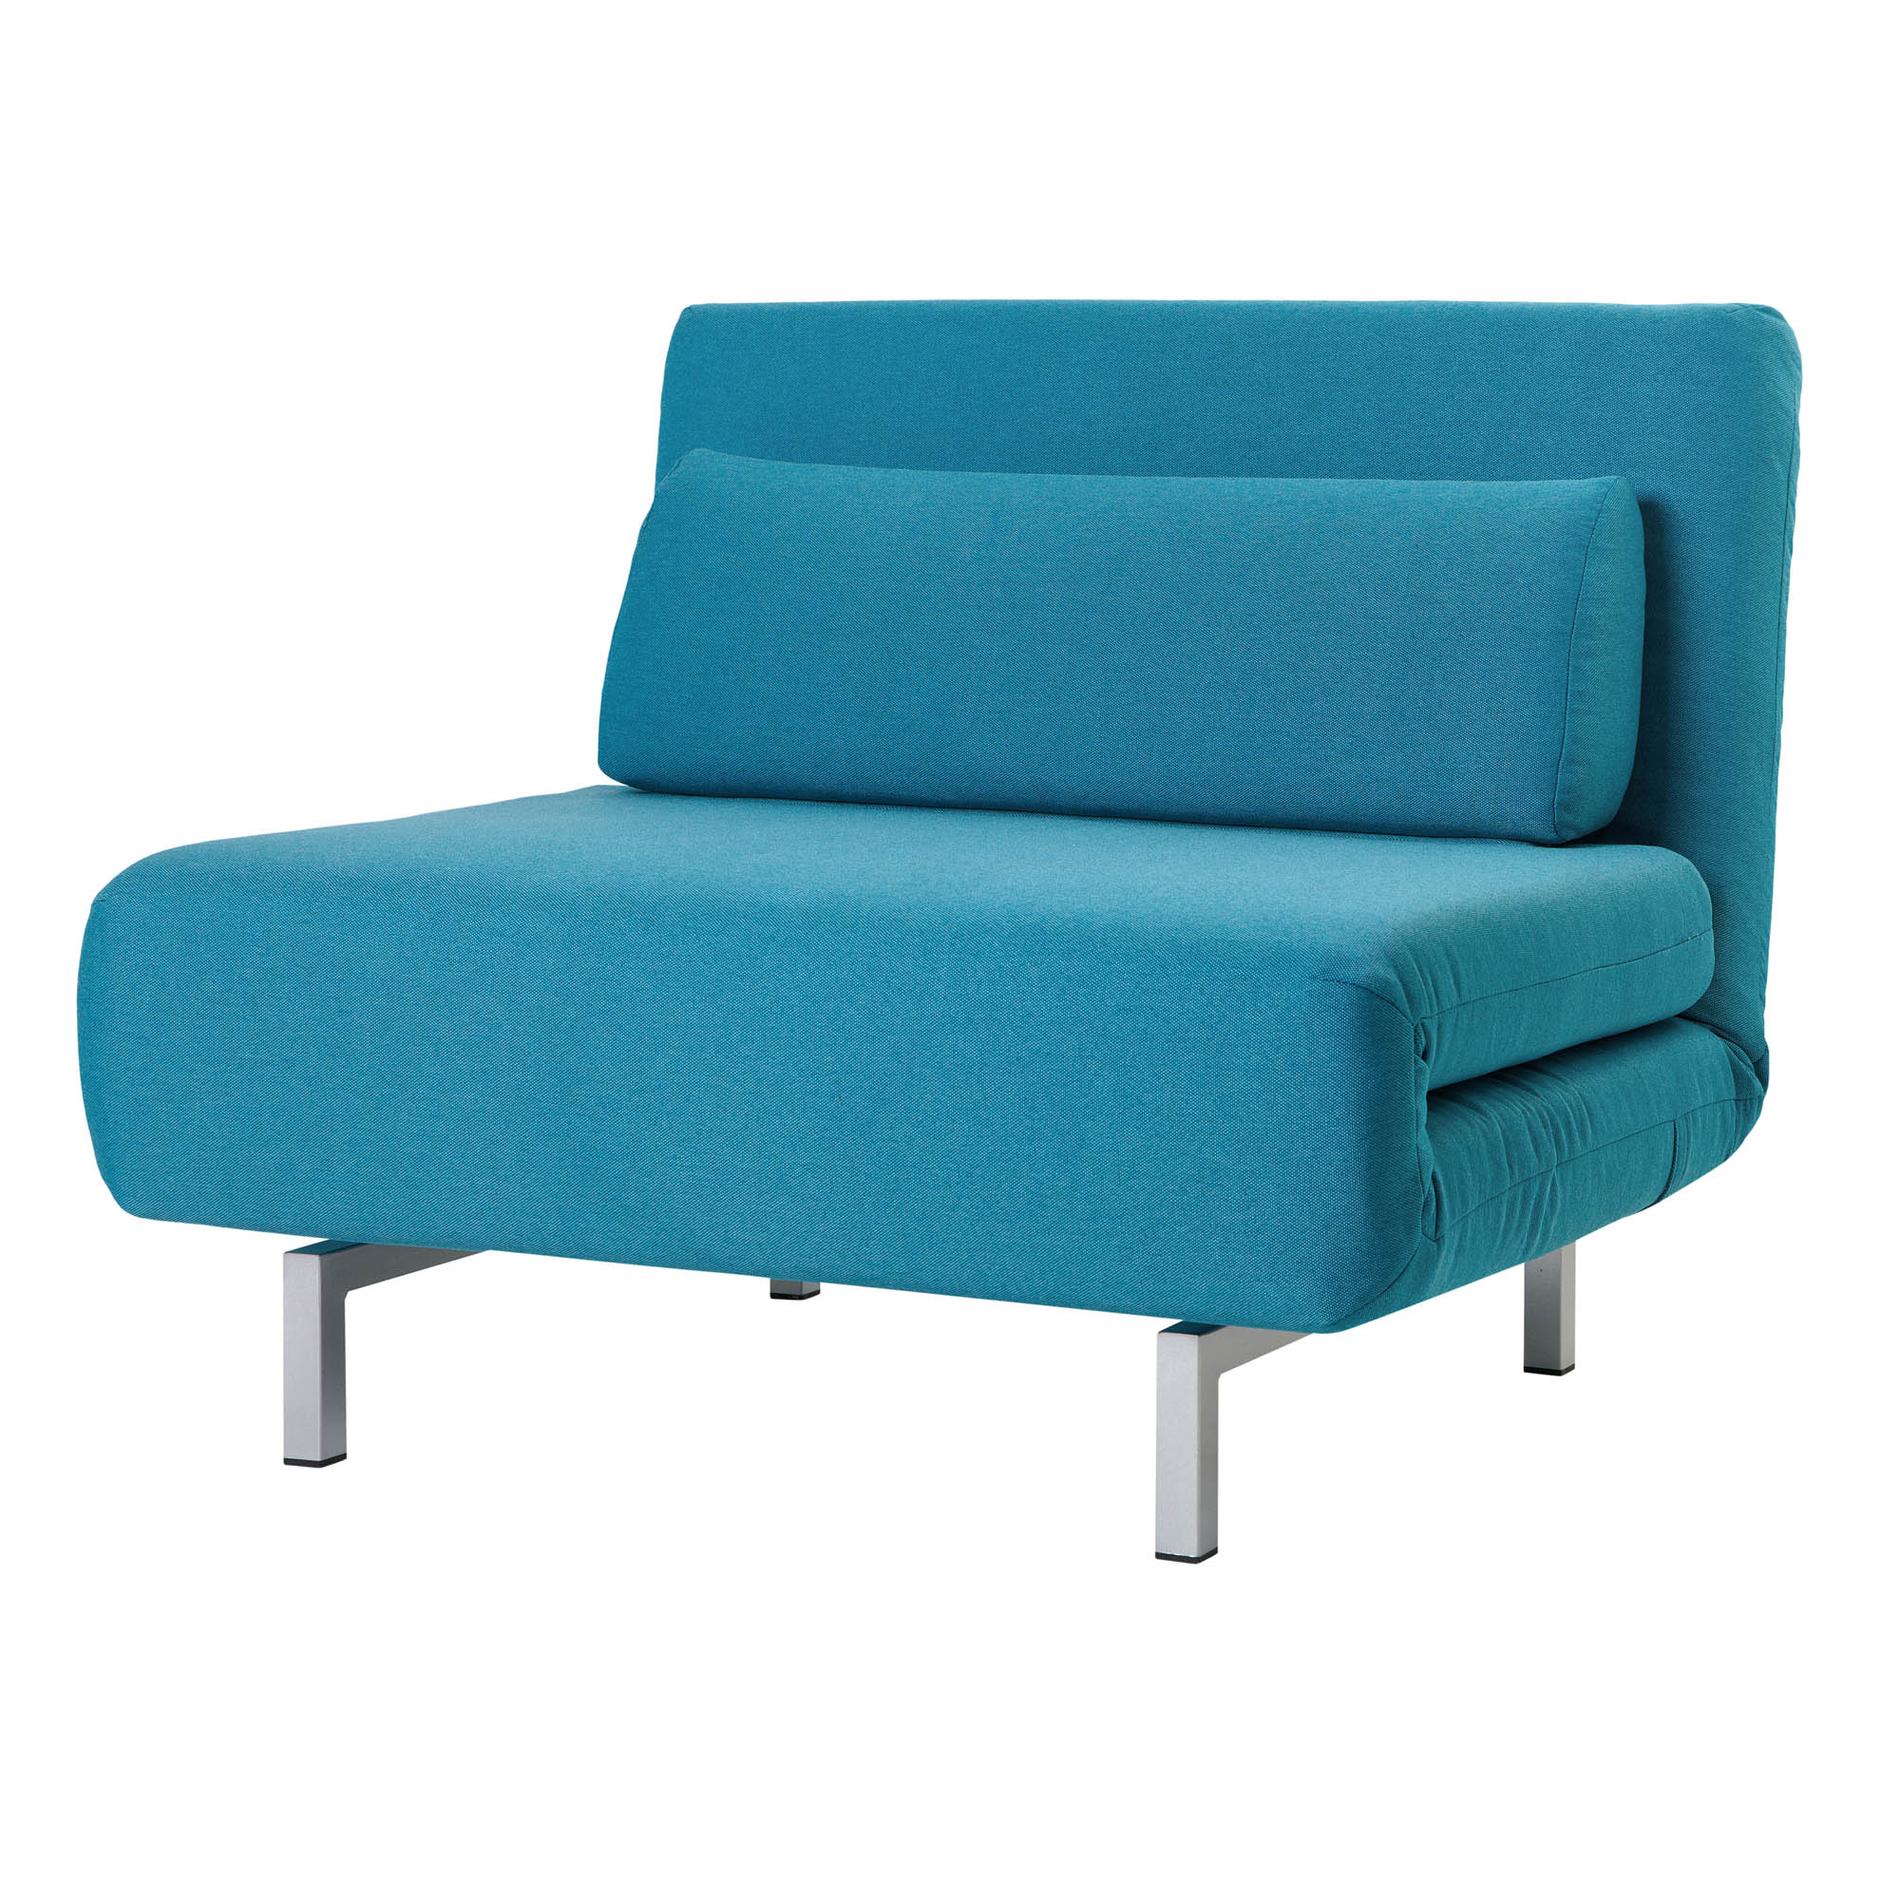 Divano letto giglio coincasa - Poltrone letto divani e divani ...